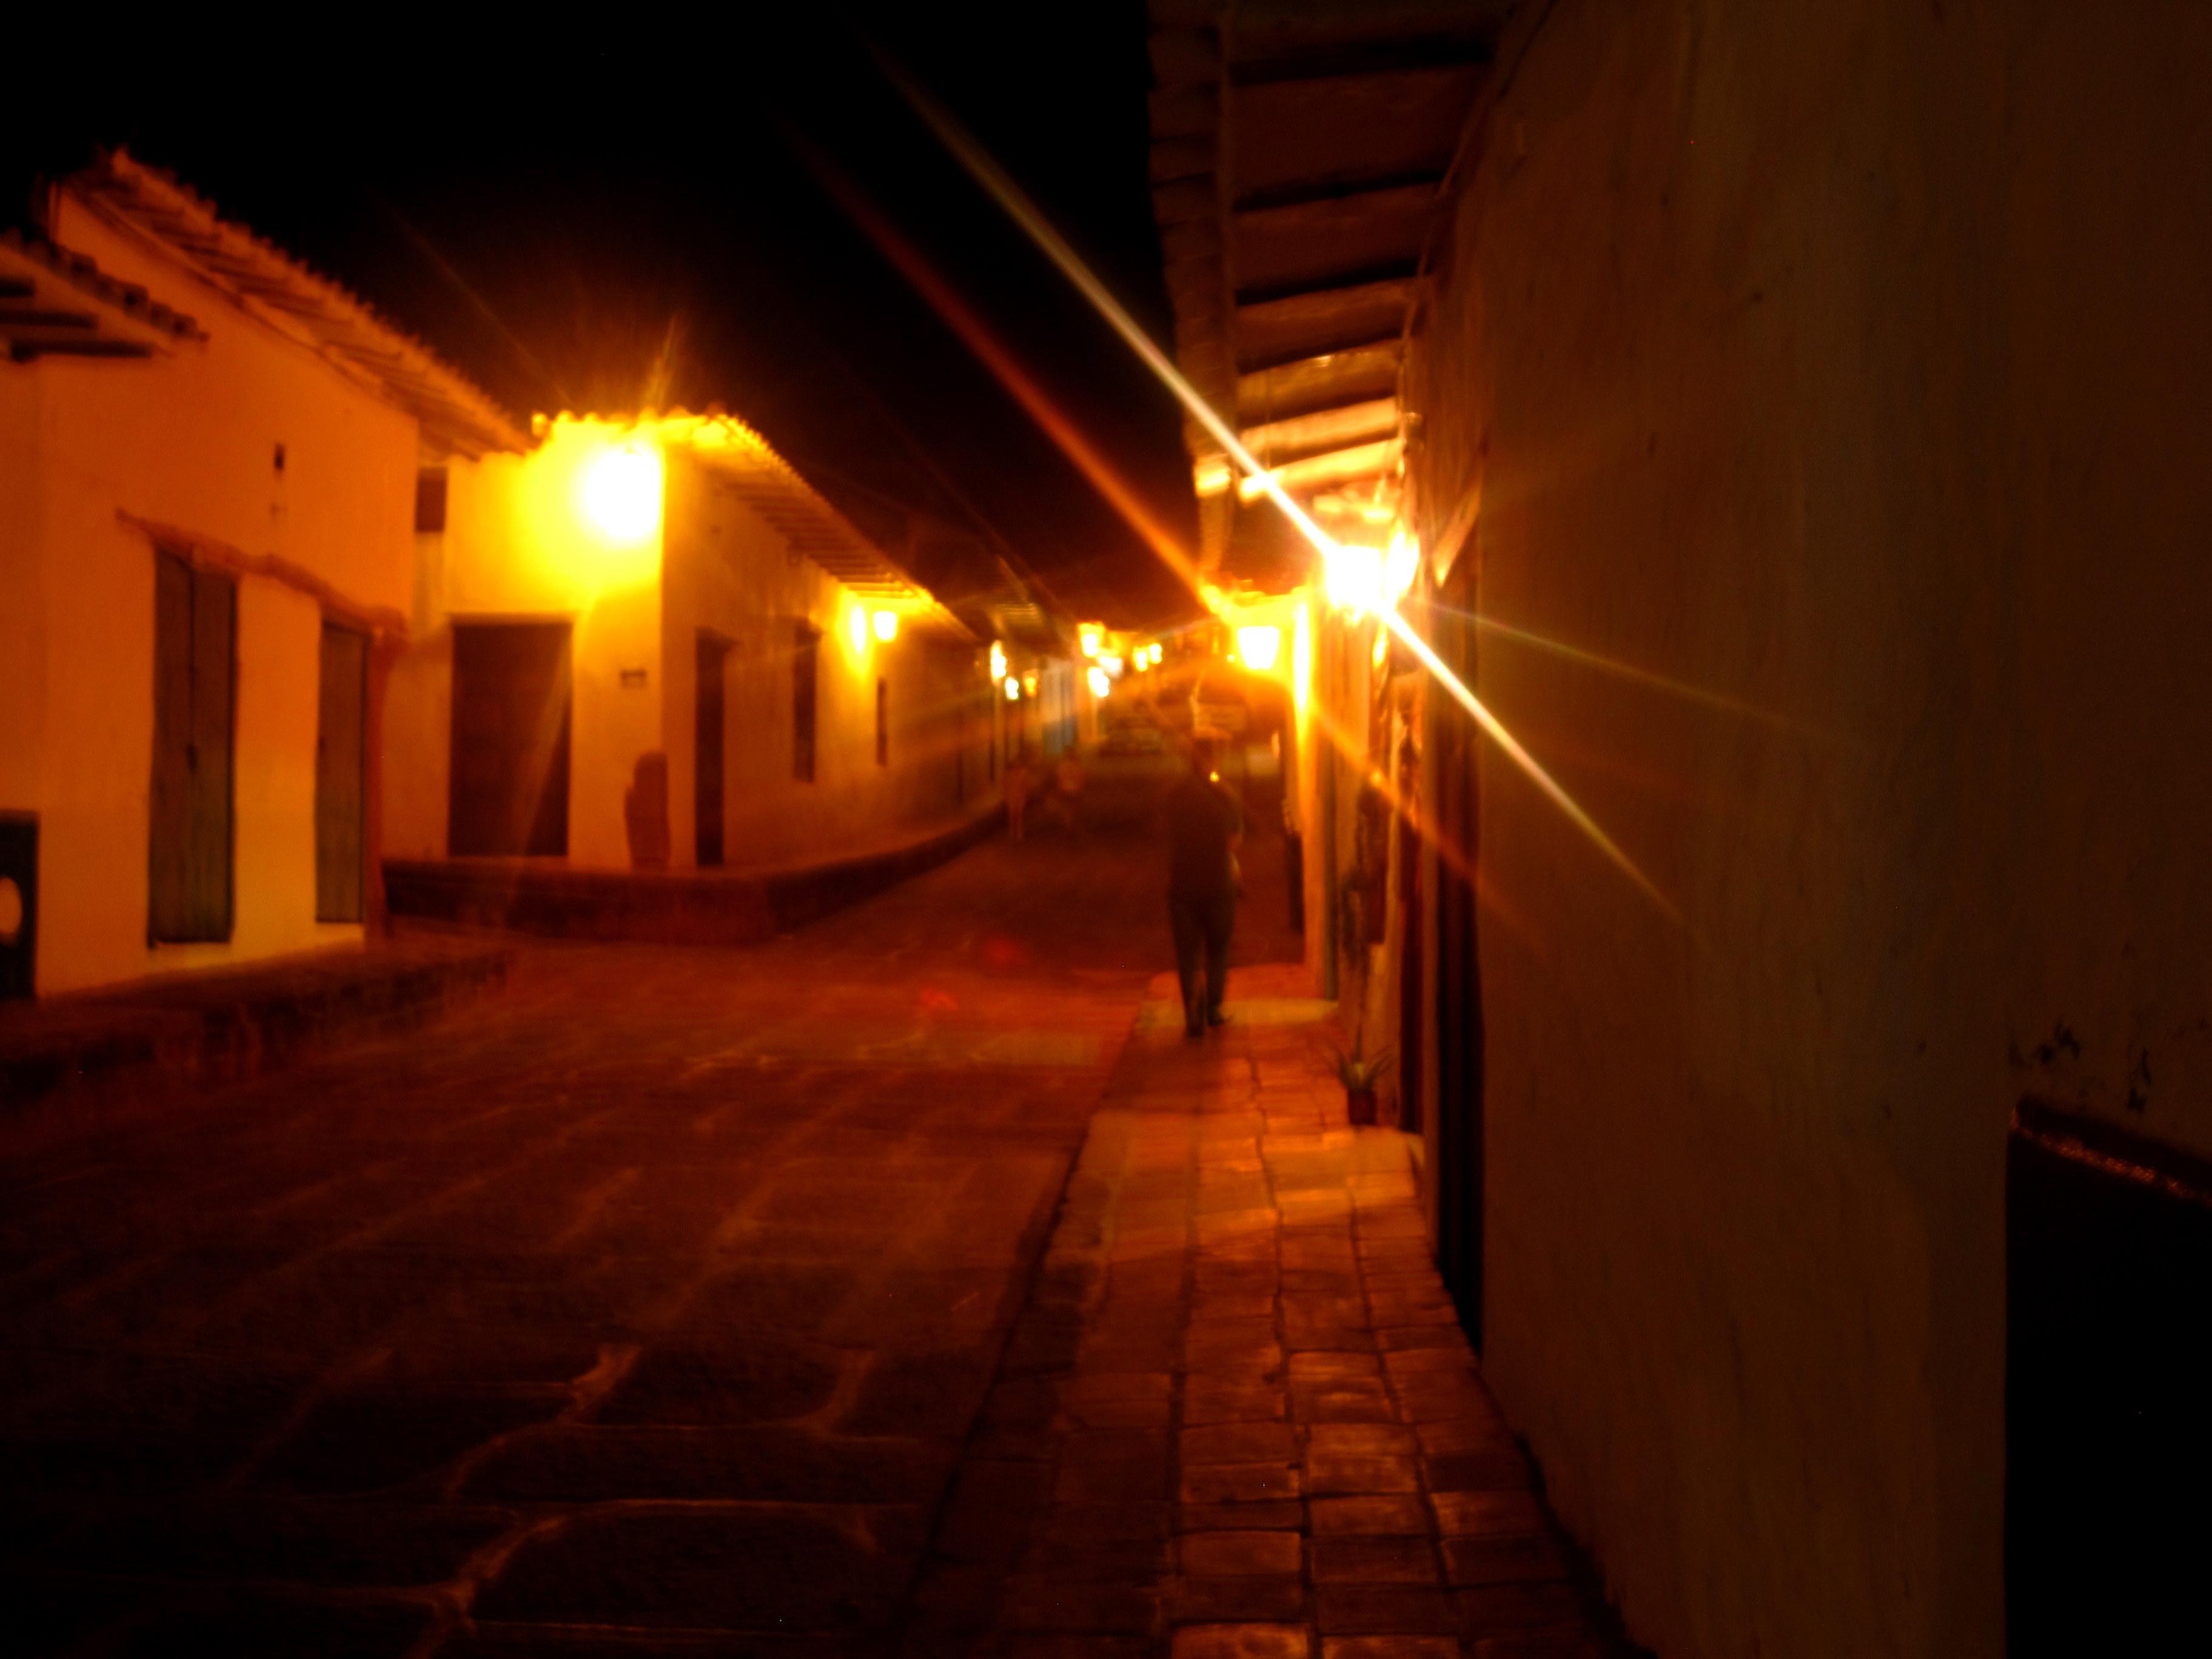 El 67 % de los dominicanos se sienten inseguros por las noche, según datos del GPI